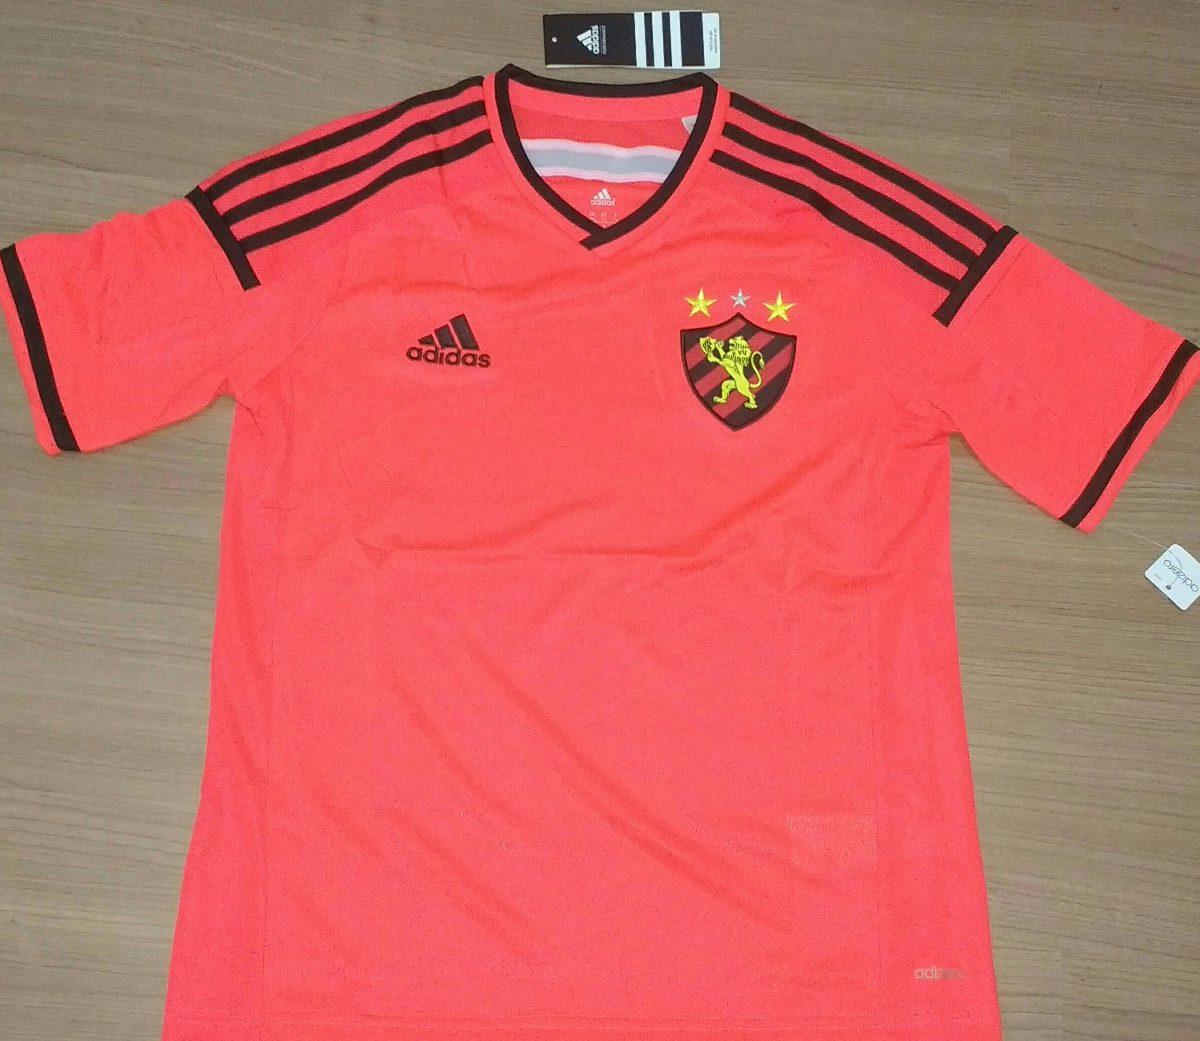 c67831ab8ae71 camisa sport recife 12 anos original 100% adidas - 03. Carregando zoom.